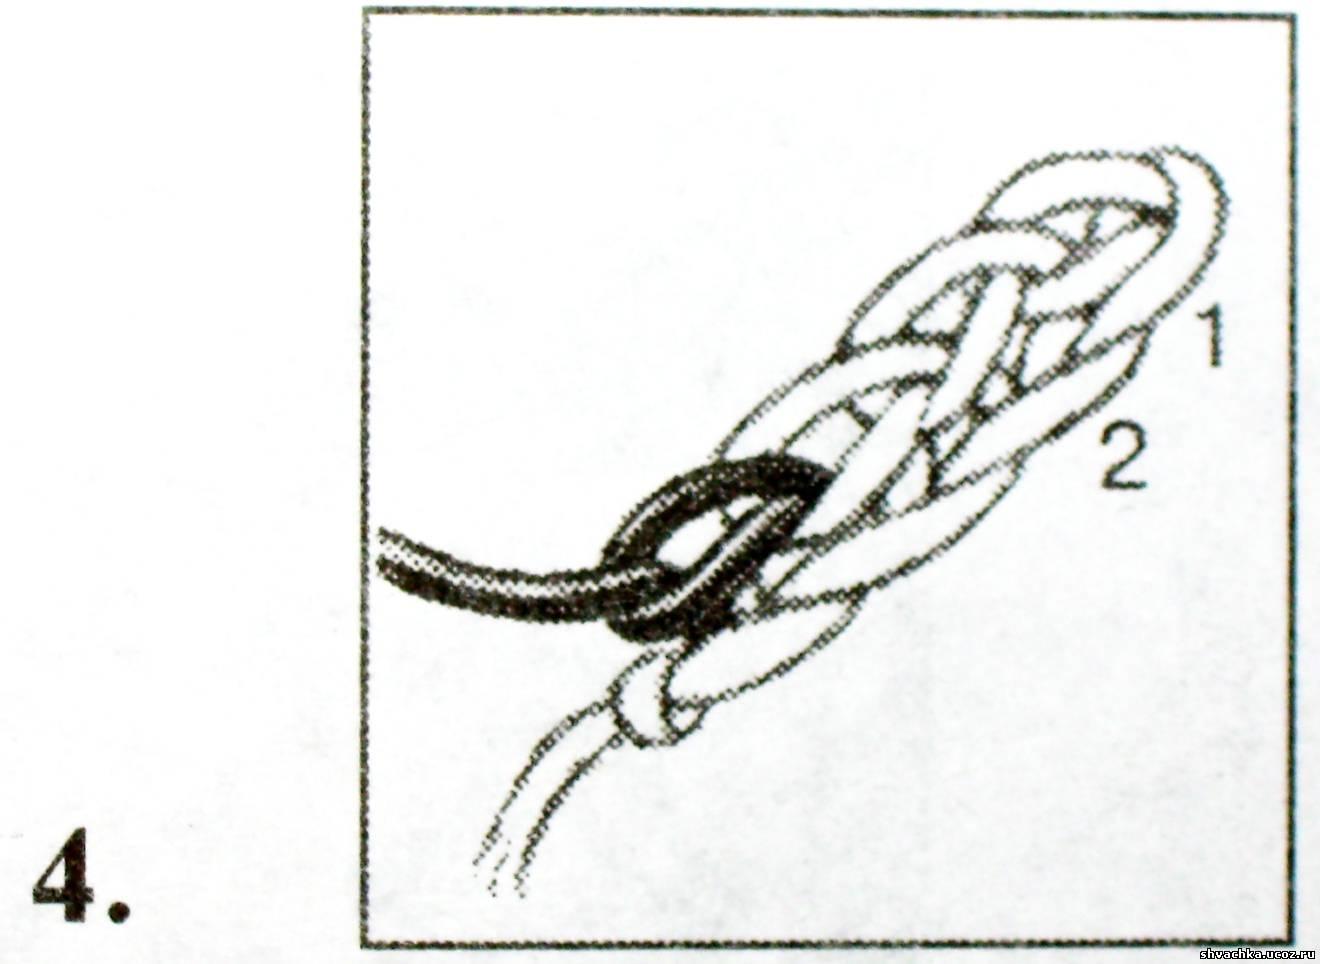 Как связать крючком цепочку - wikiHow